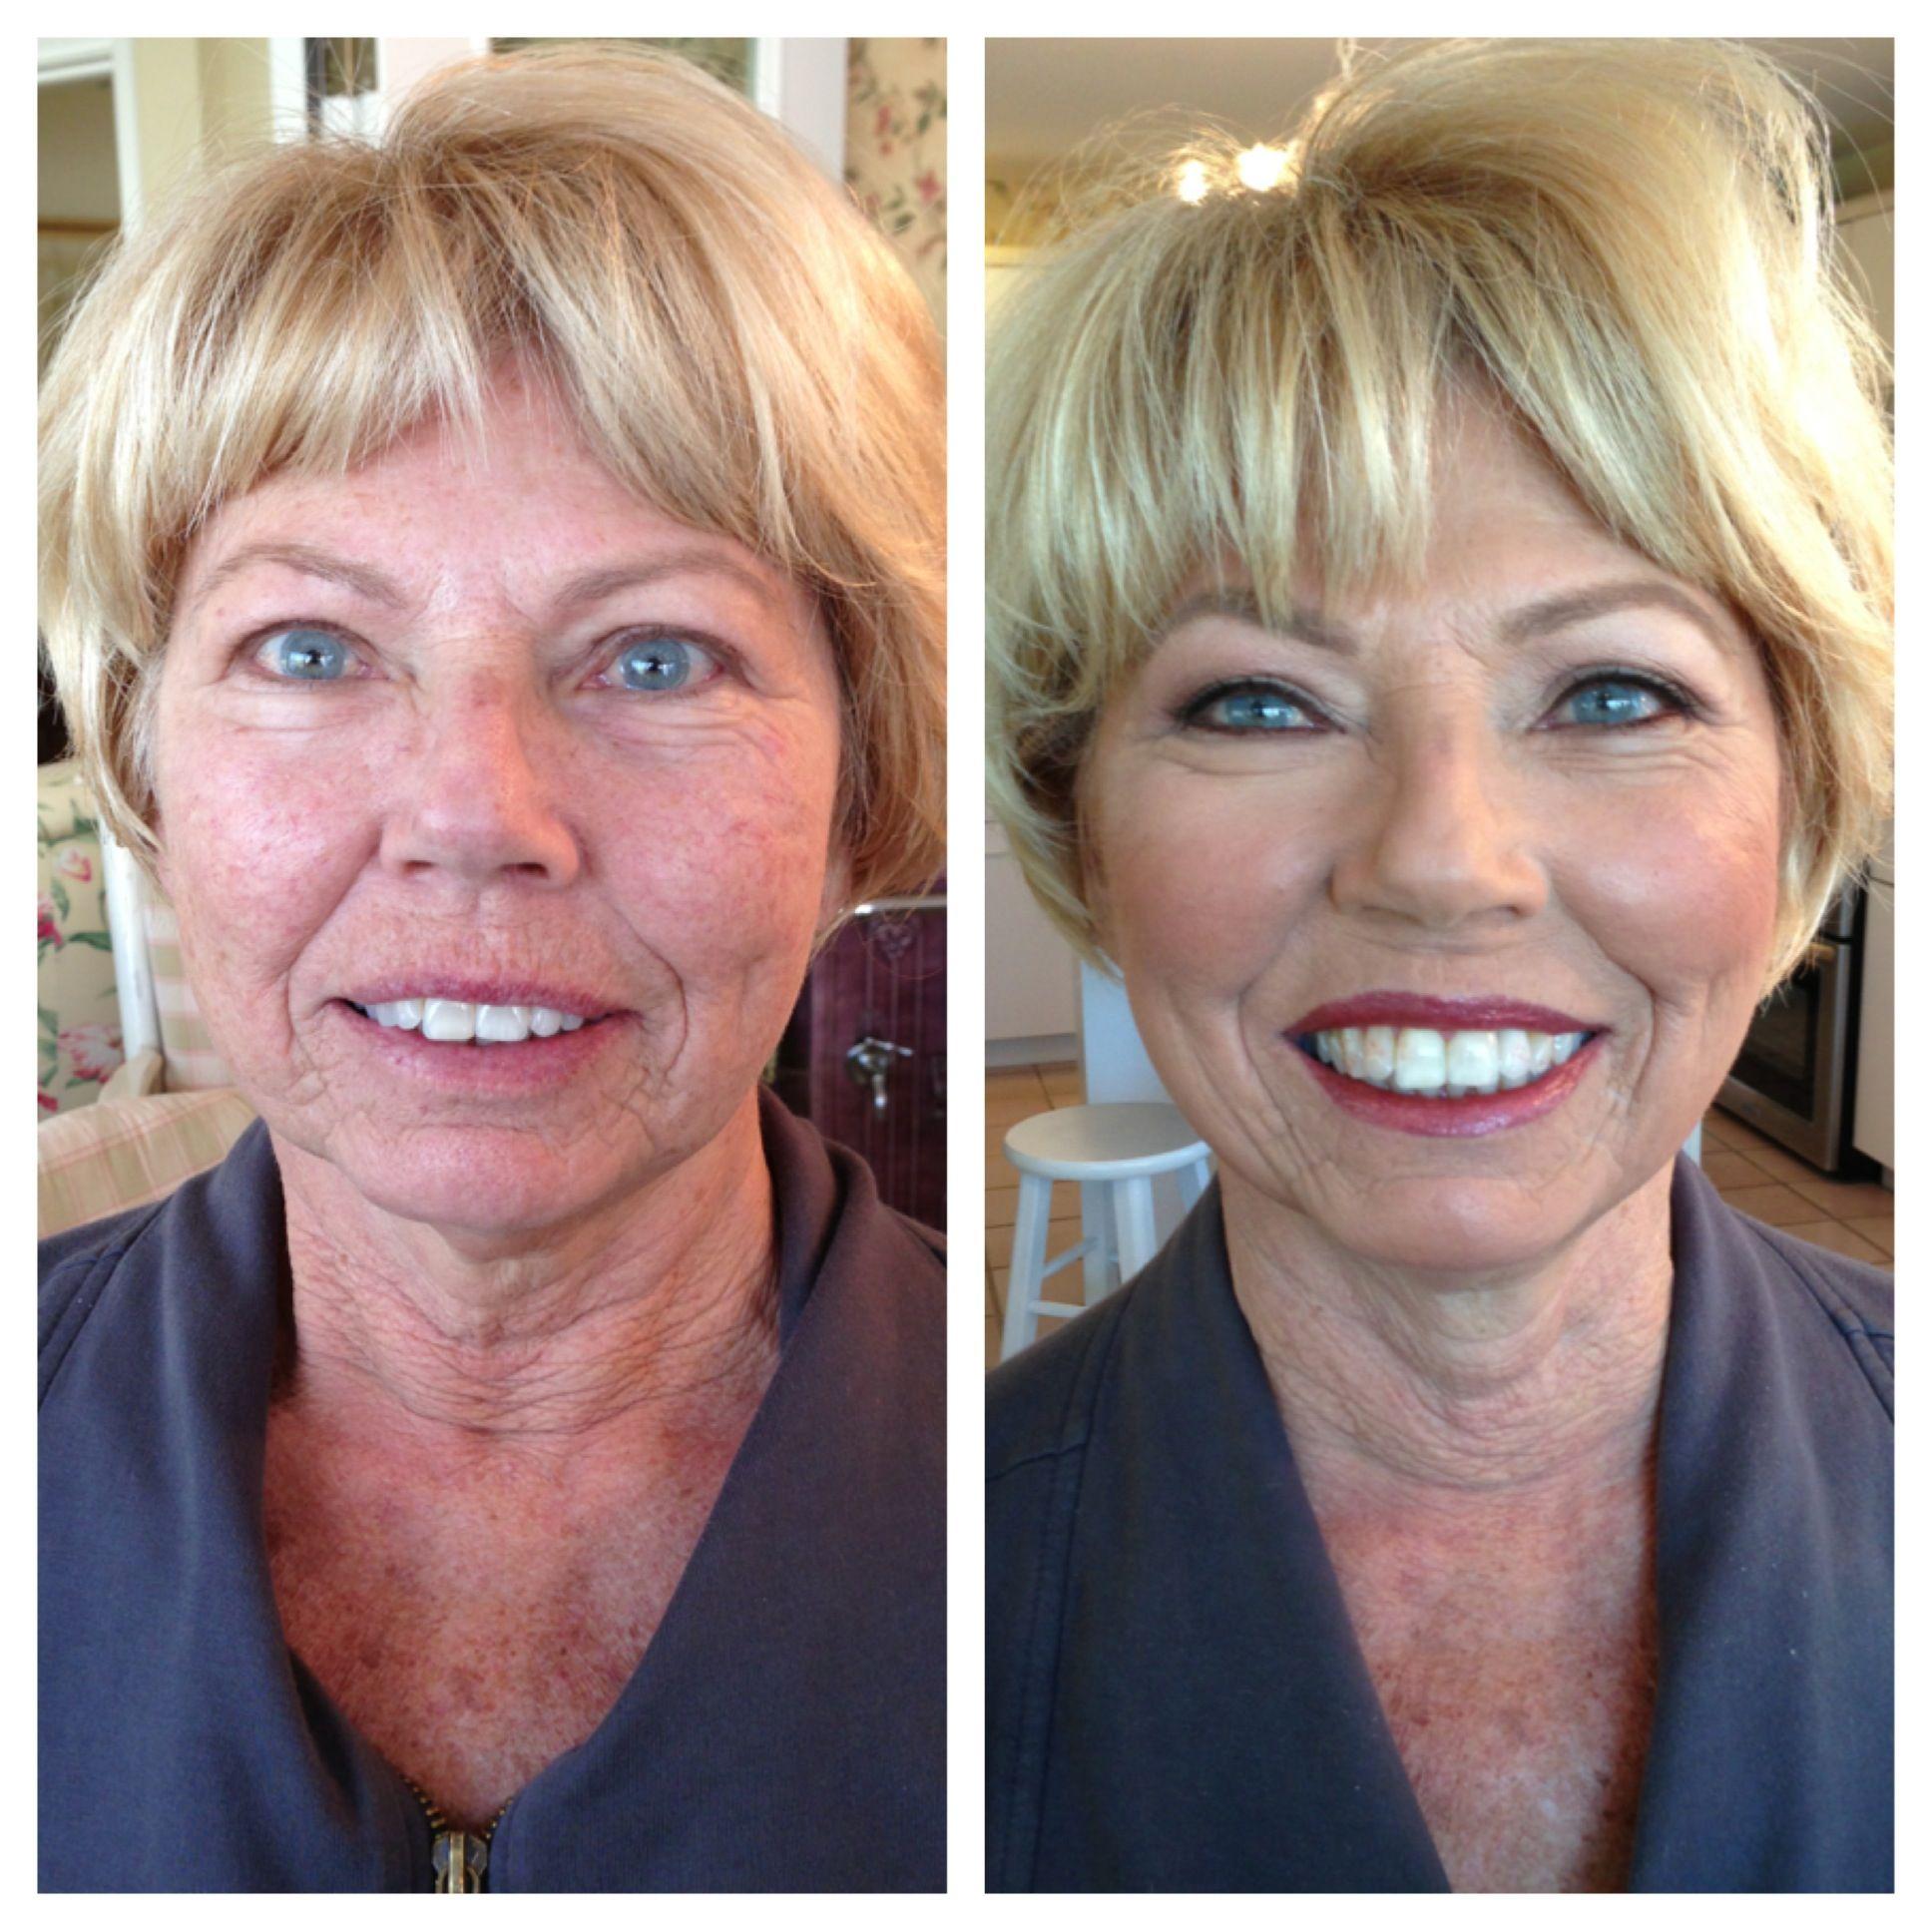 Before/After | Eyebrow makeup, Eyebrows, Makeup